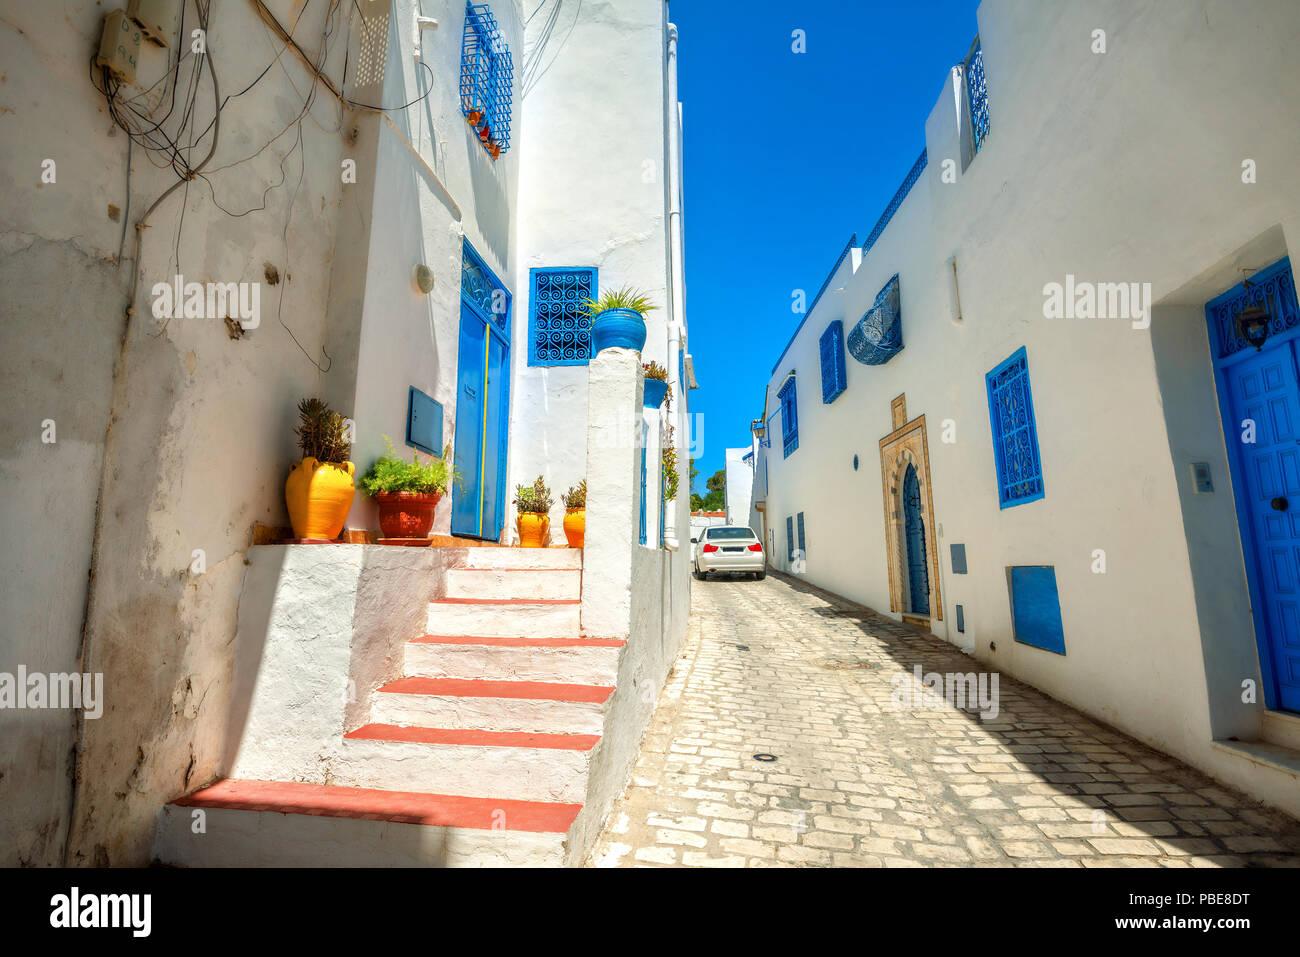 Strada stretta in bianco blu città di Sidi Bou Said. La Tunisia, Nord Africa Immagini Stock